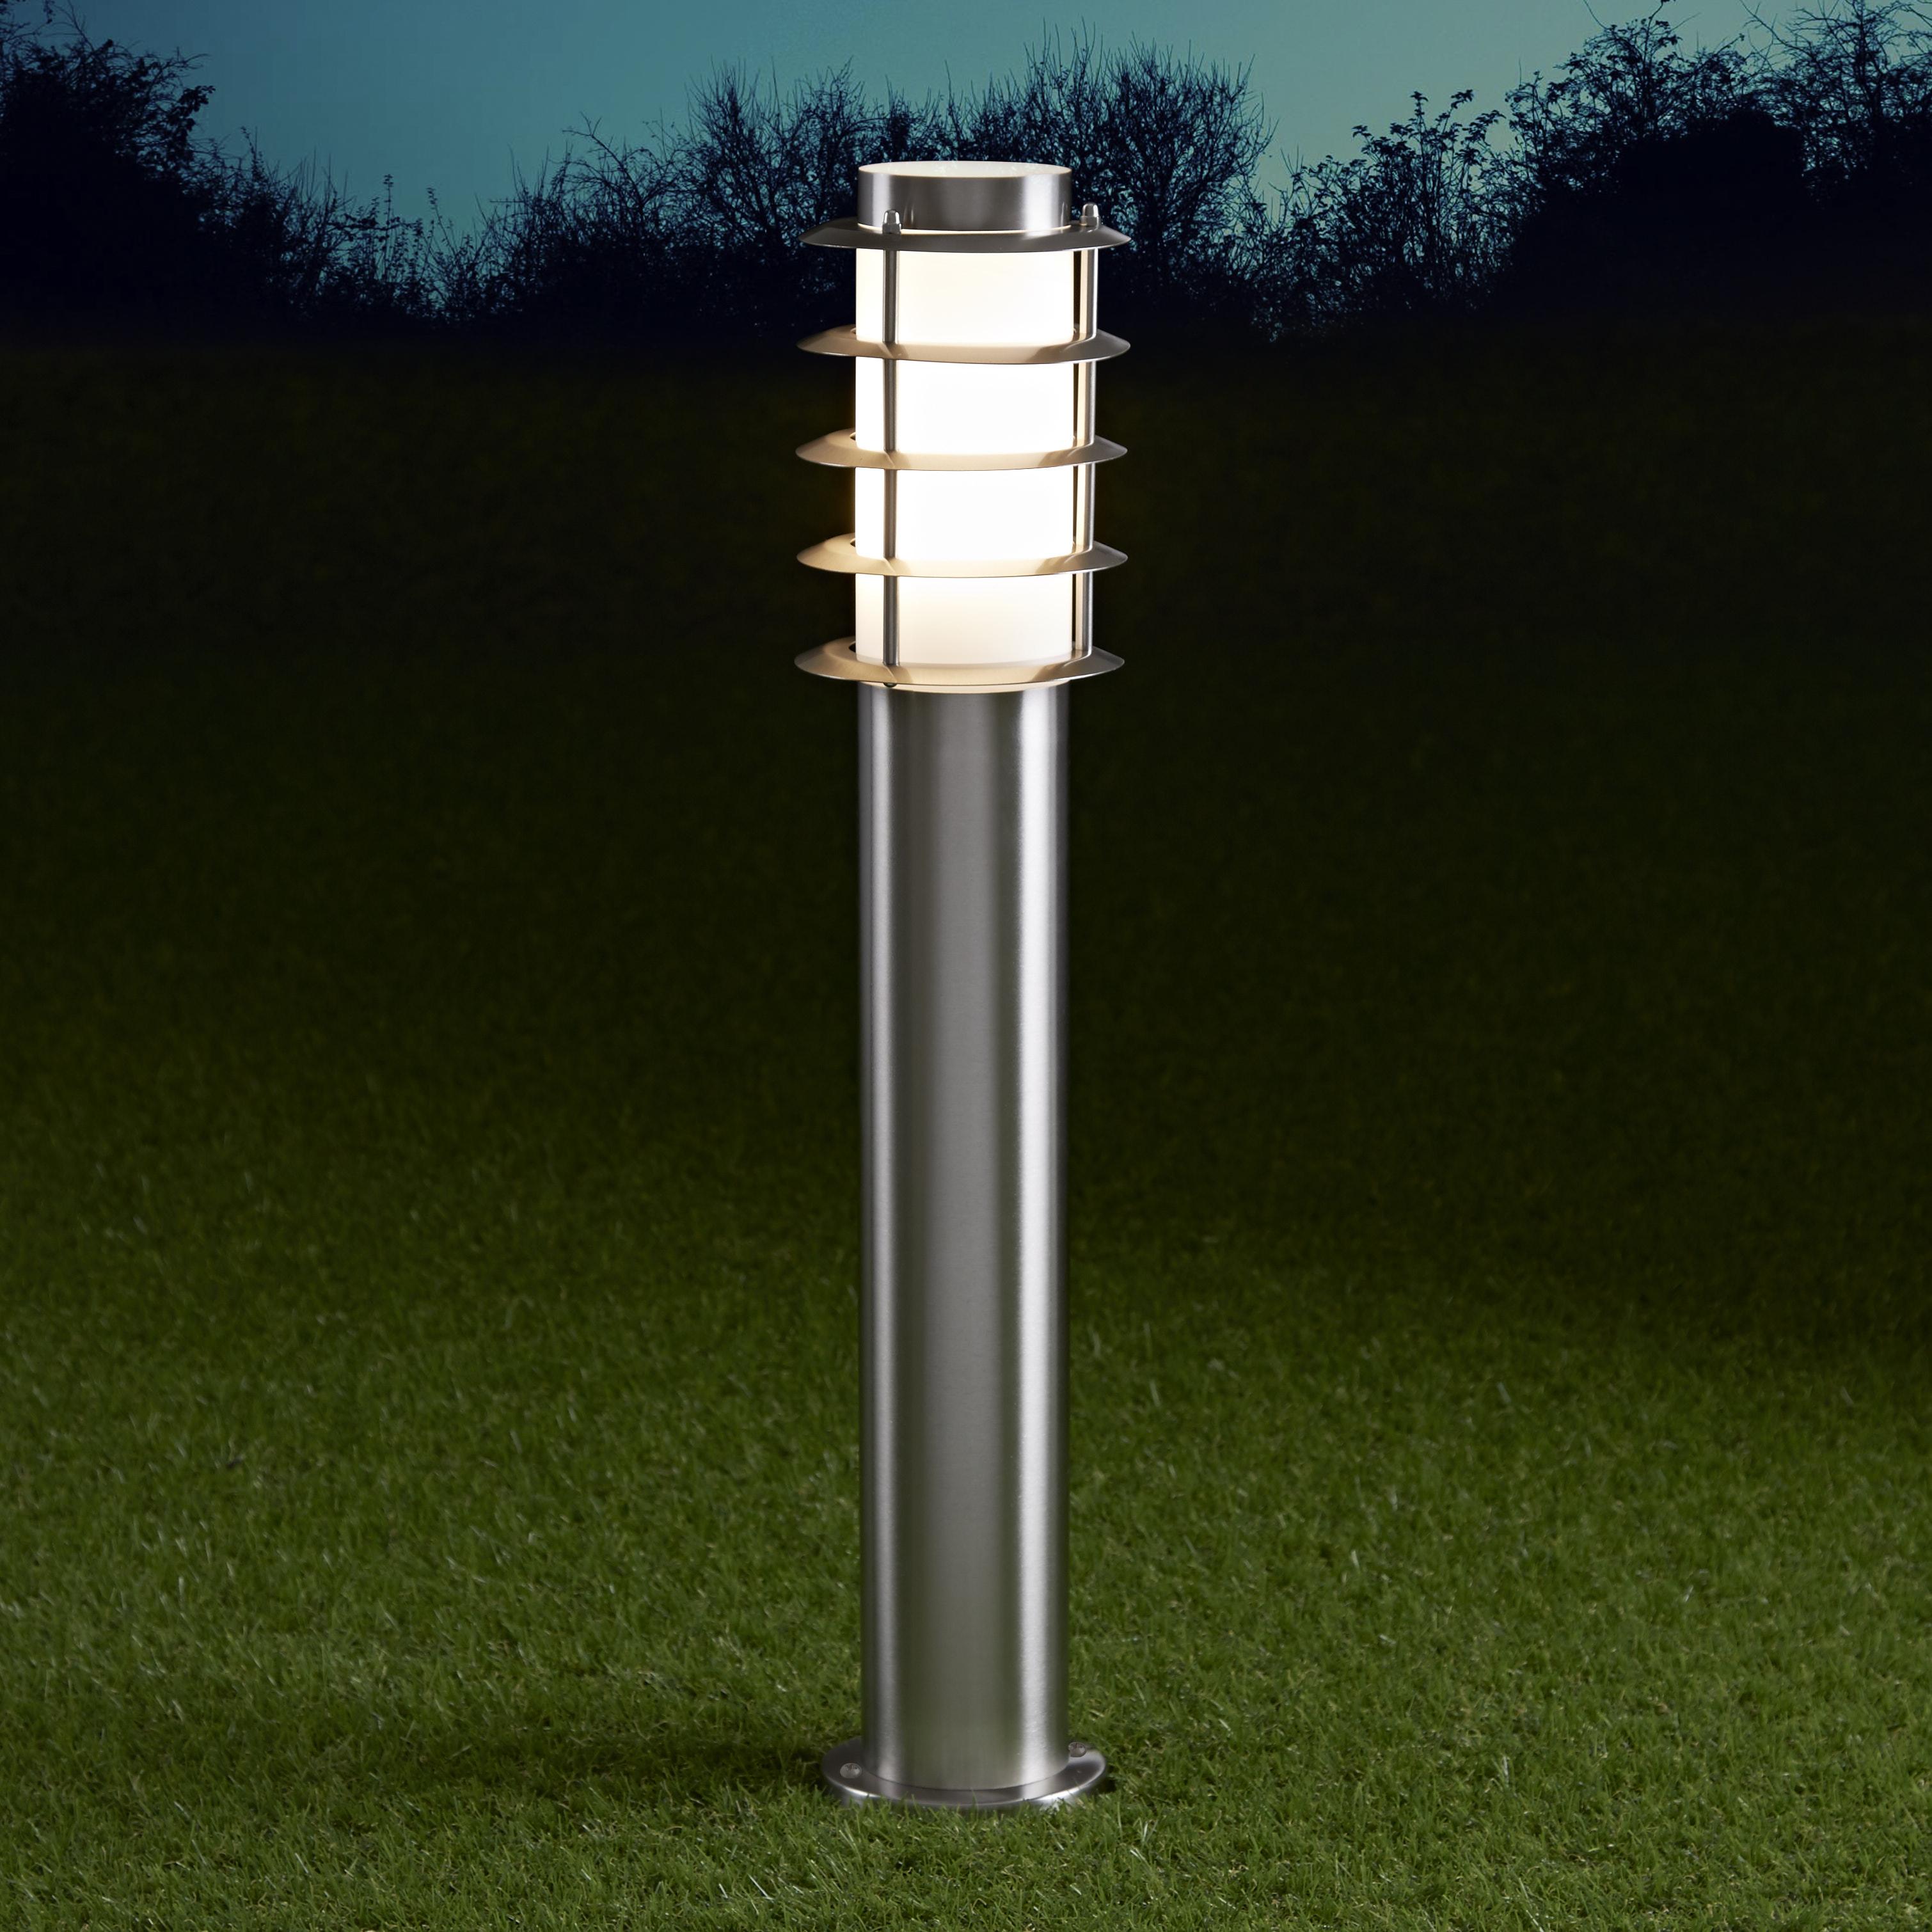 Biard Belfort Dimbare Sokkellamp 60cm Hoog RVS IP44 E27